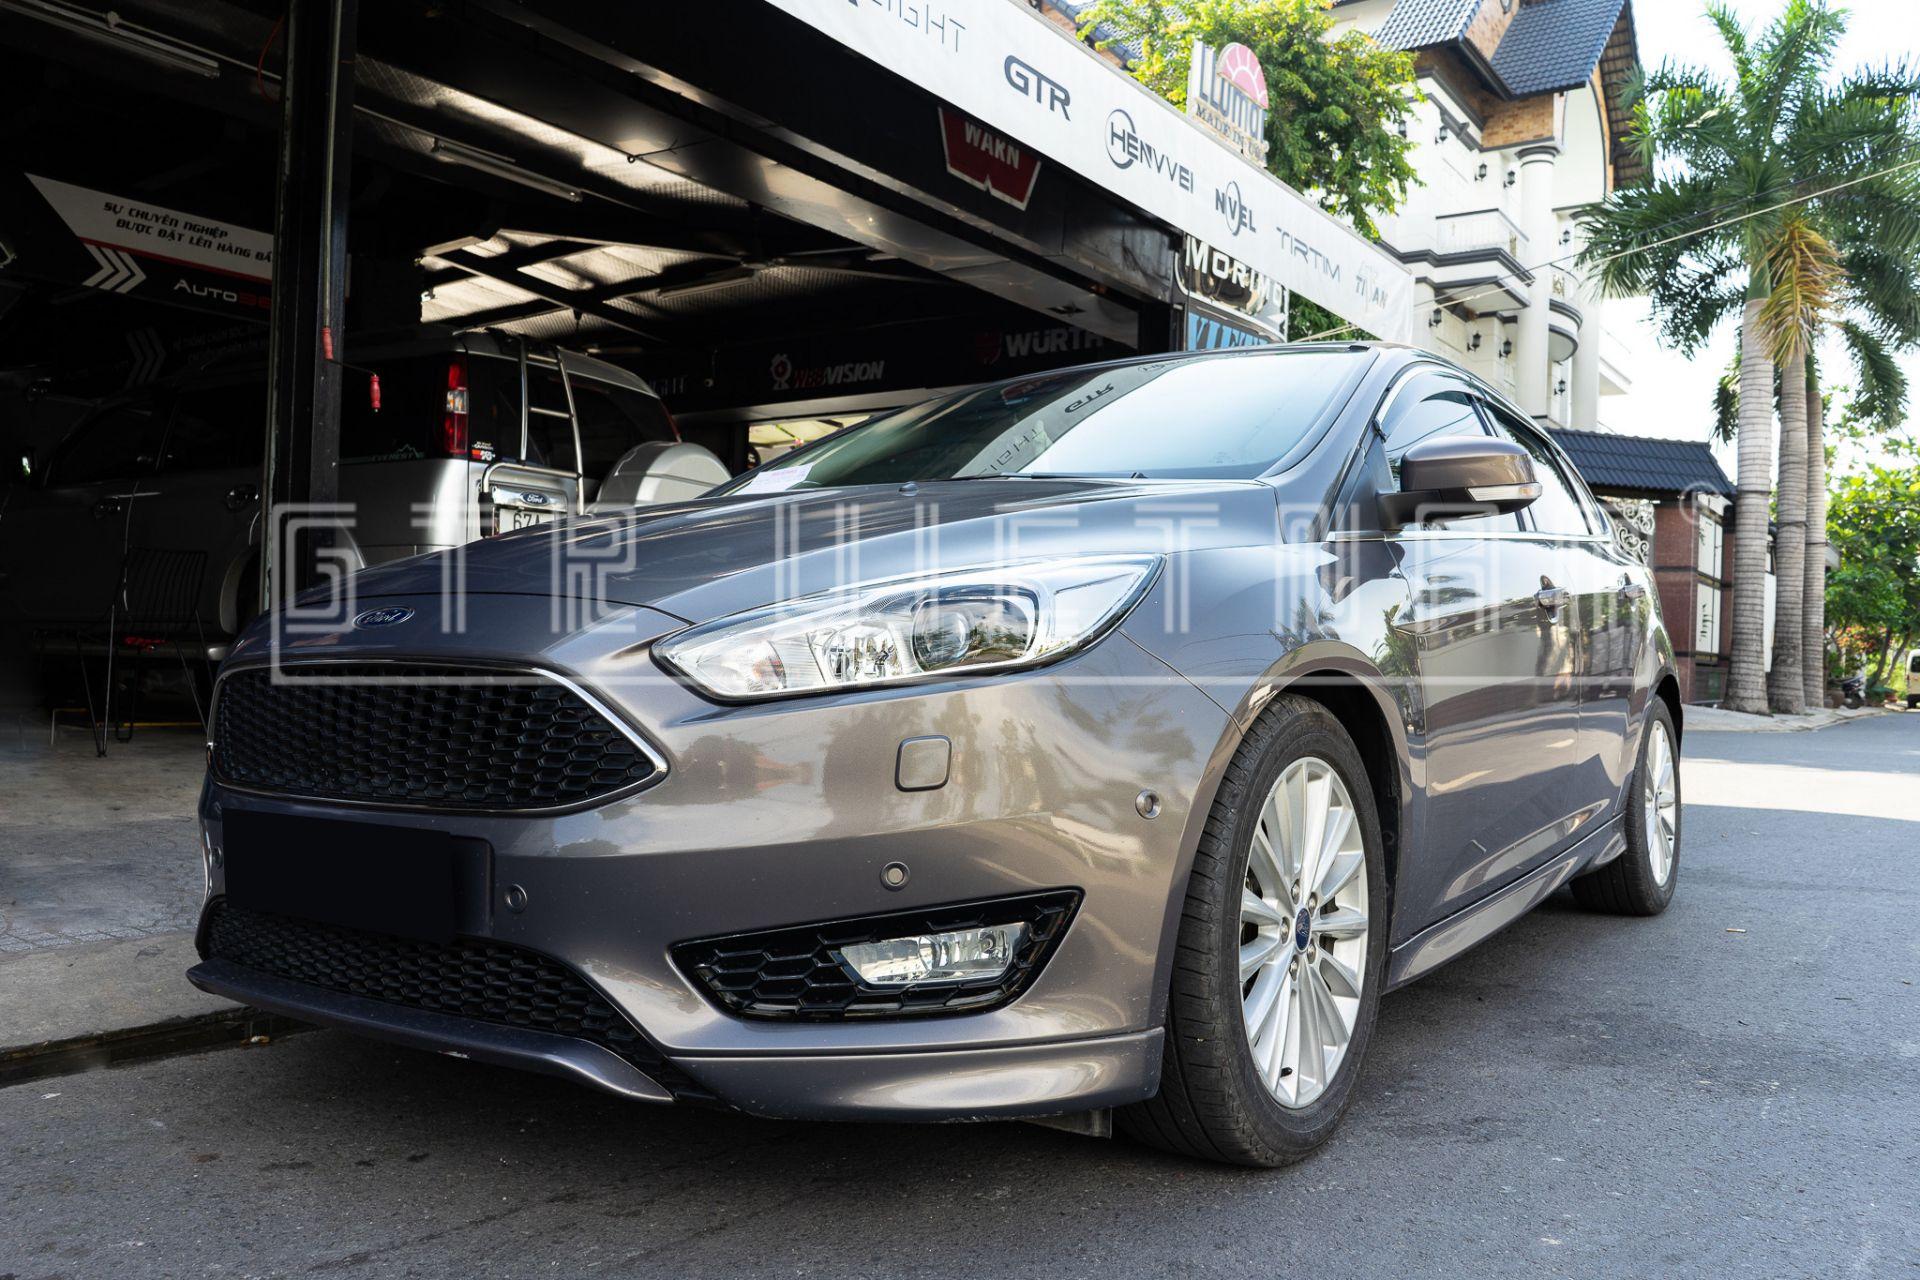 Ford Focus Sáng Cực Xa Với Bi Laser Henvvei L91